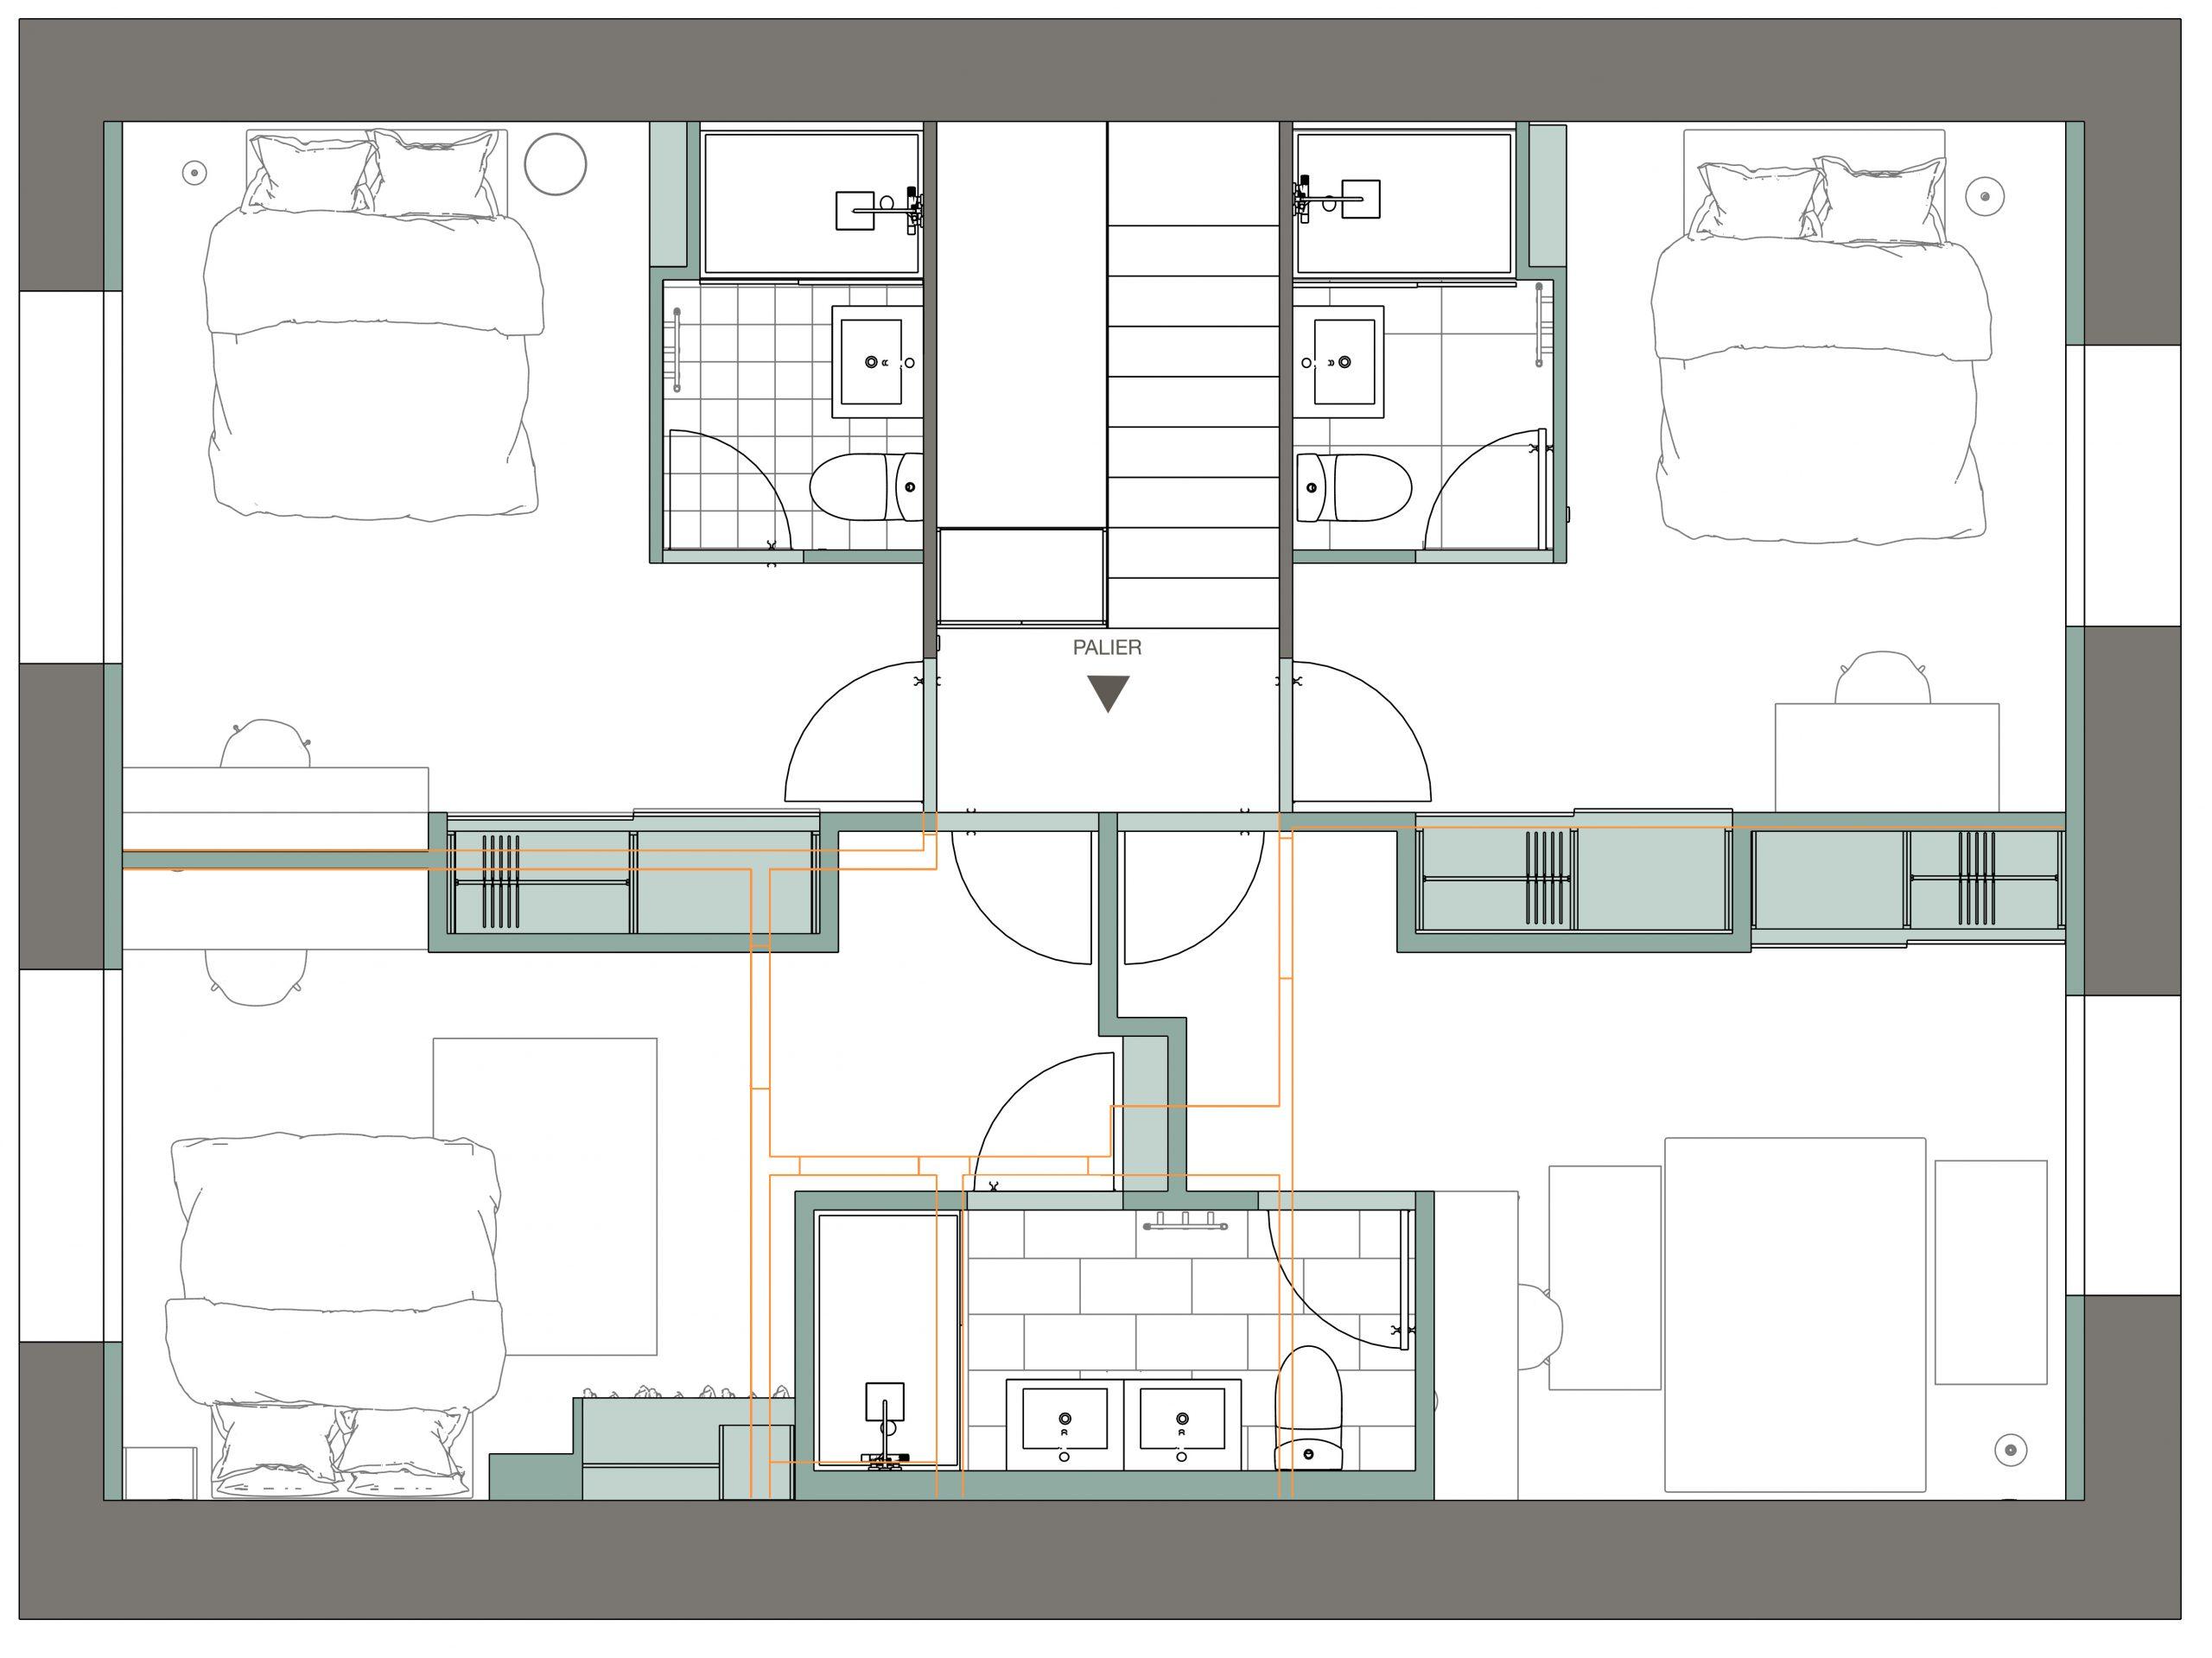 étage 2 : plan après